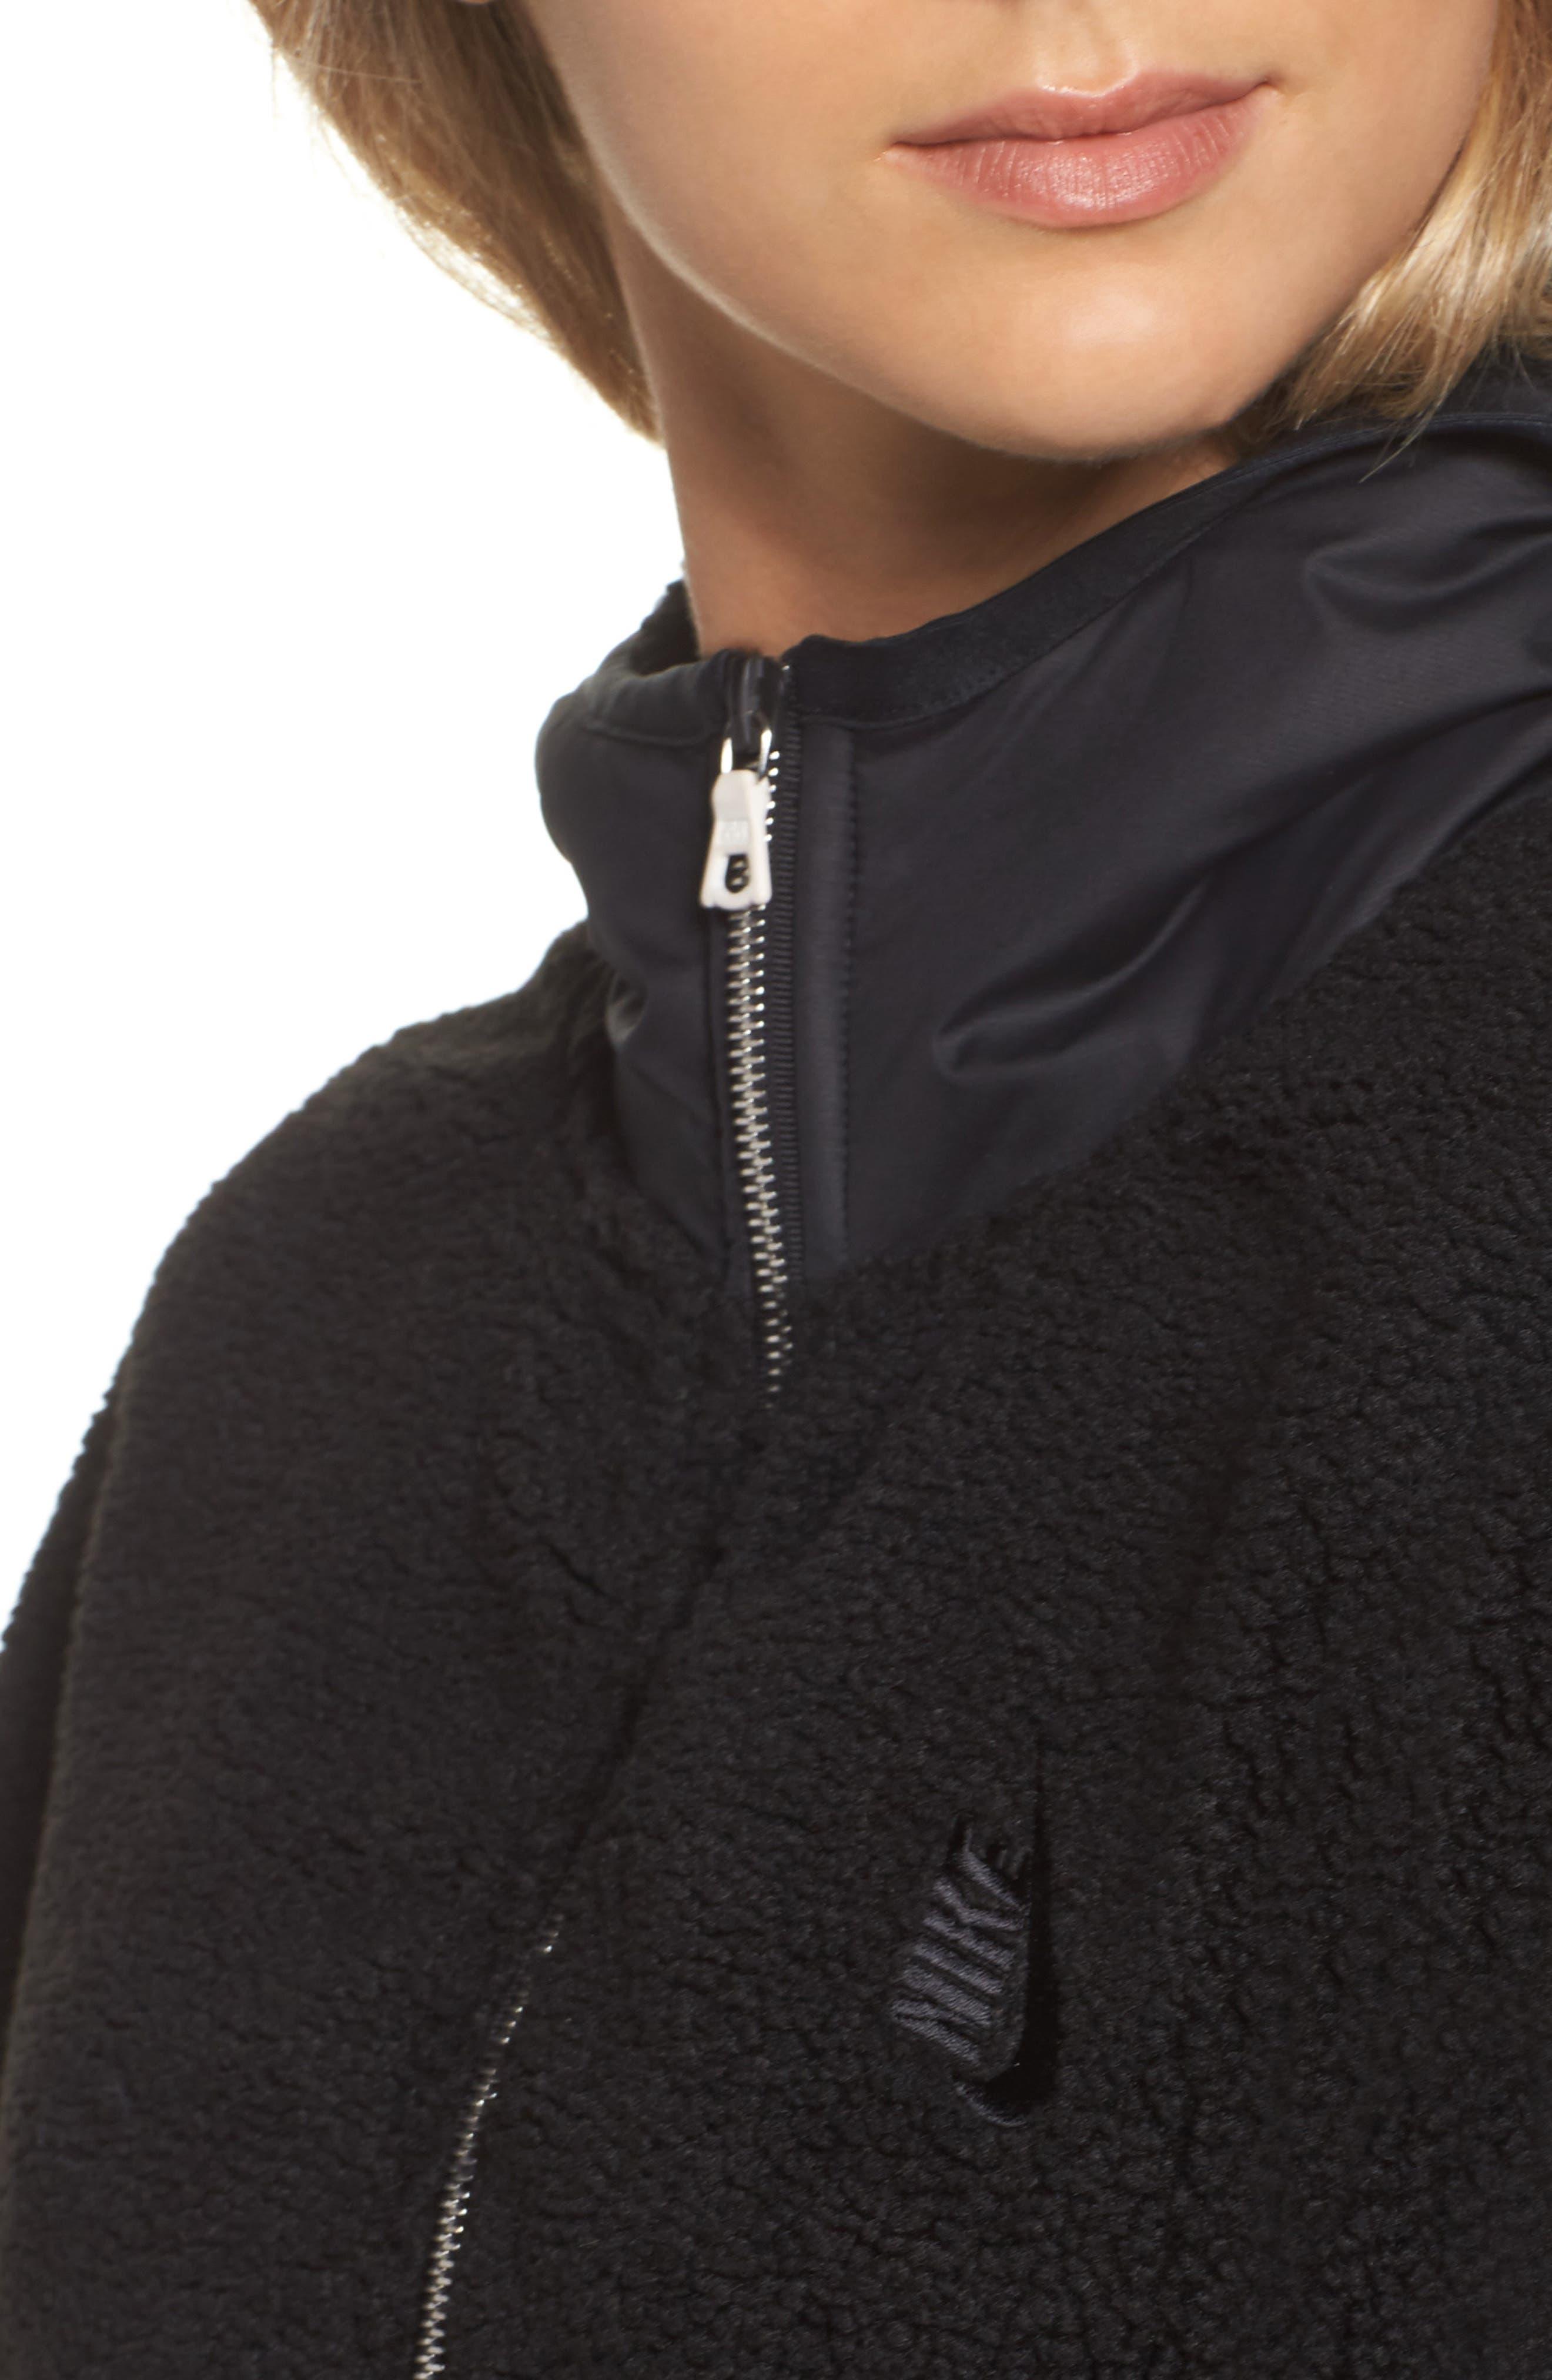 NikeLab Essential Half Zip Fleece Hoodie,                             Alternate thumbnail 4, color,                             Black/ Black